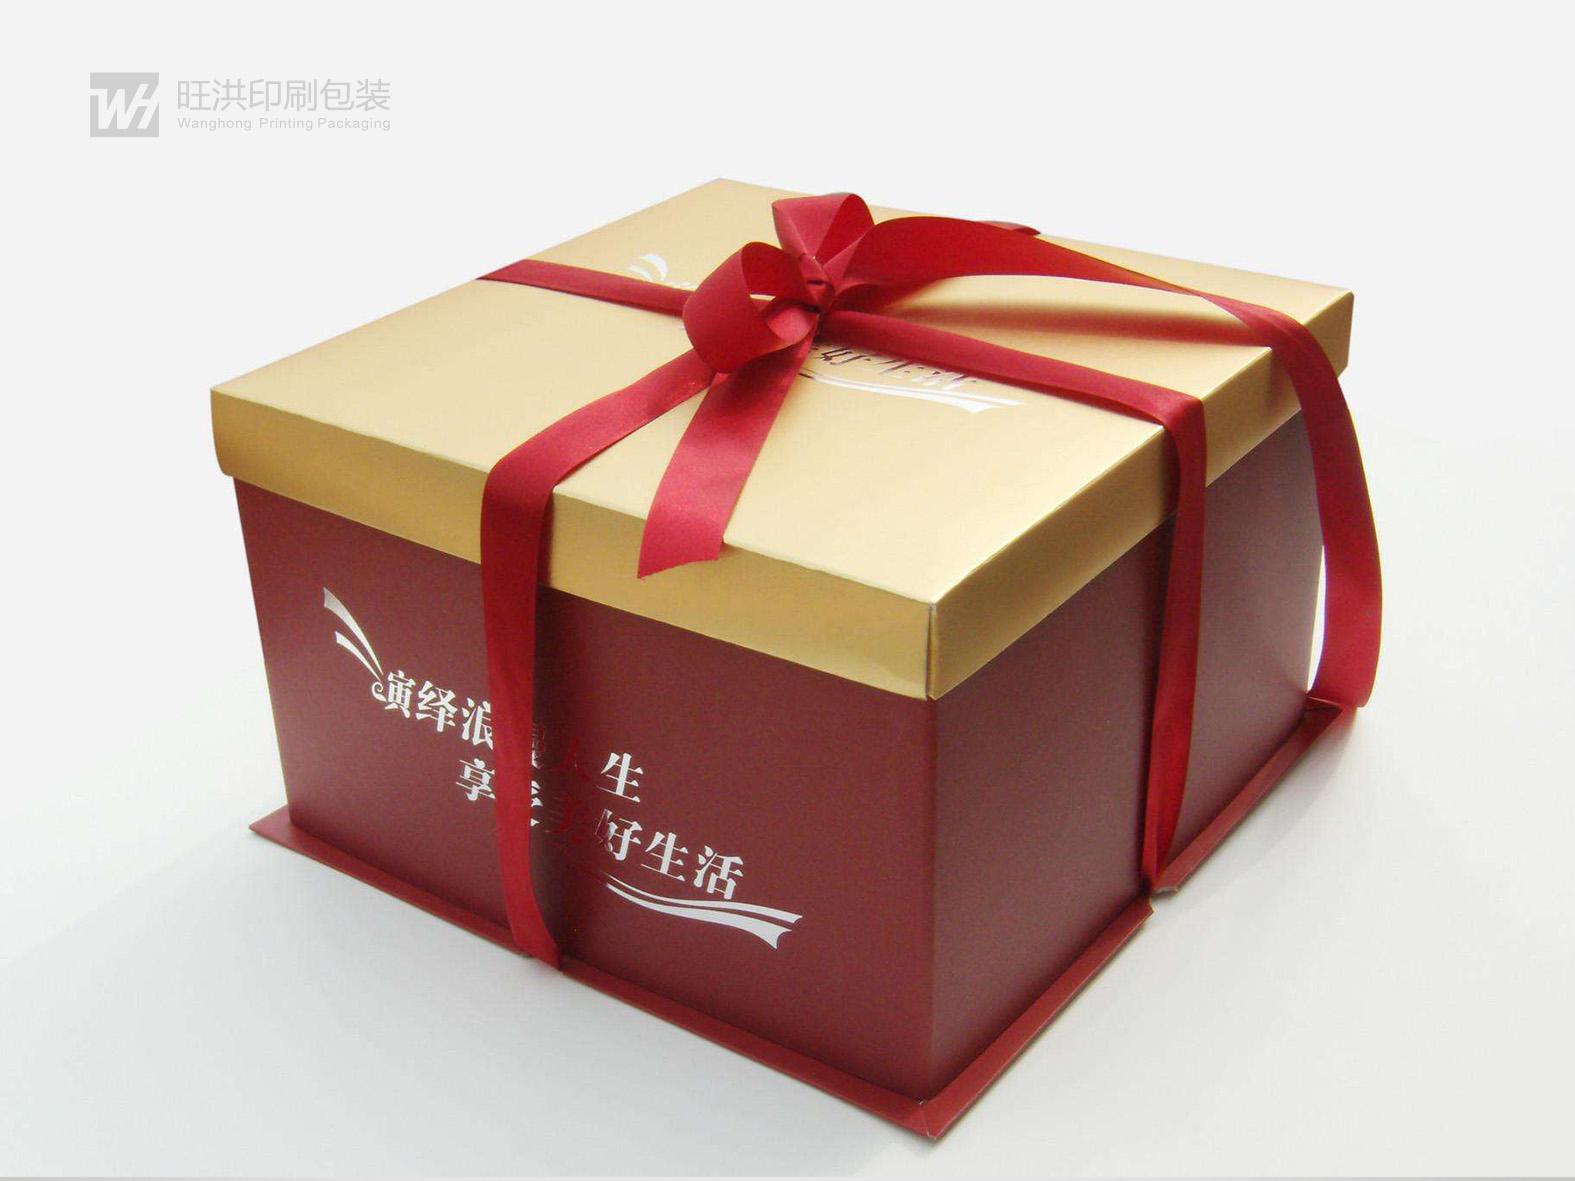 天地蓋瓦楞蛋糕盒